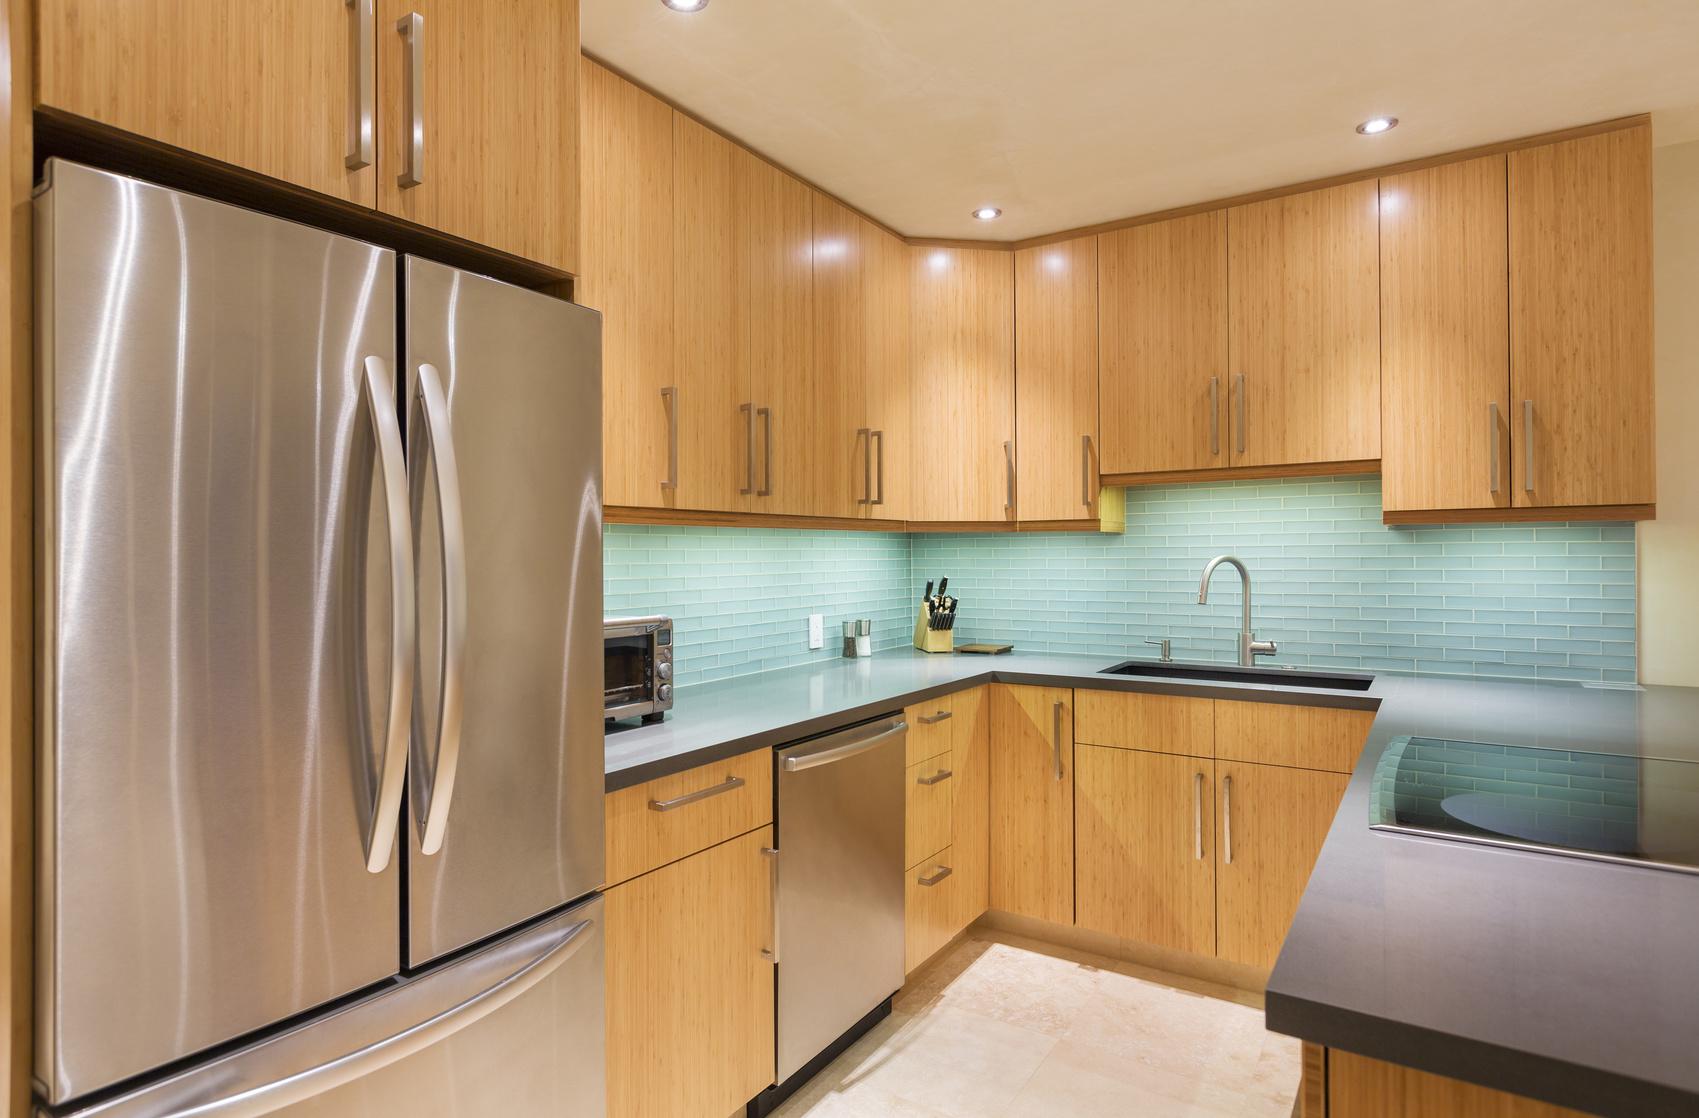 Kitchen, Interior, Modern Design Architecture